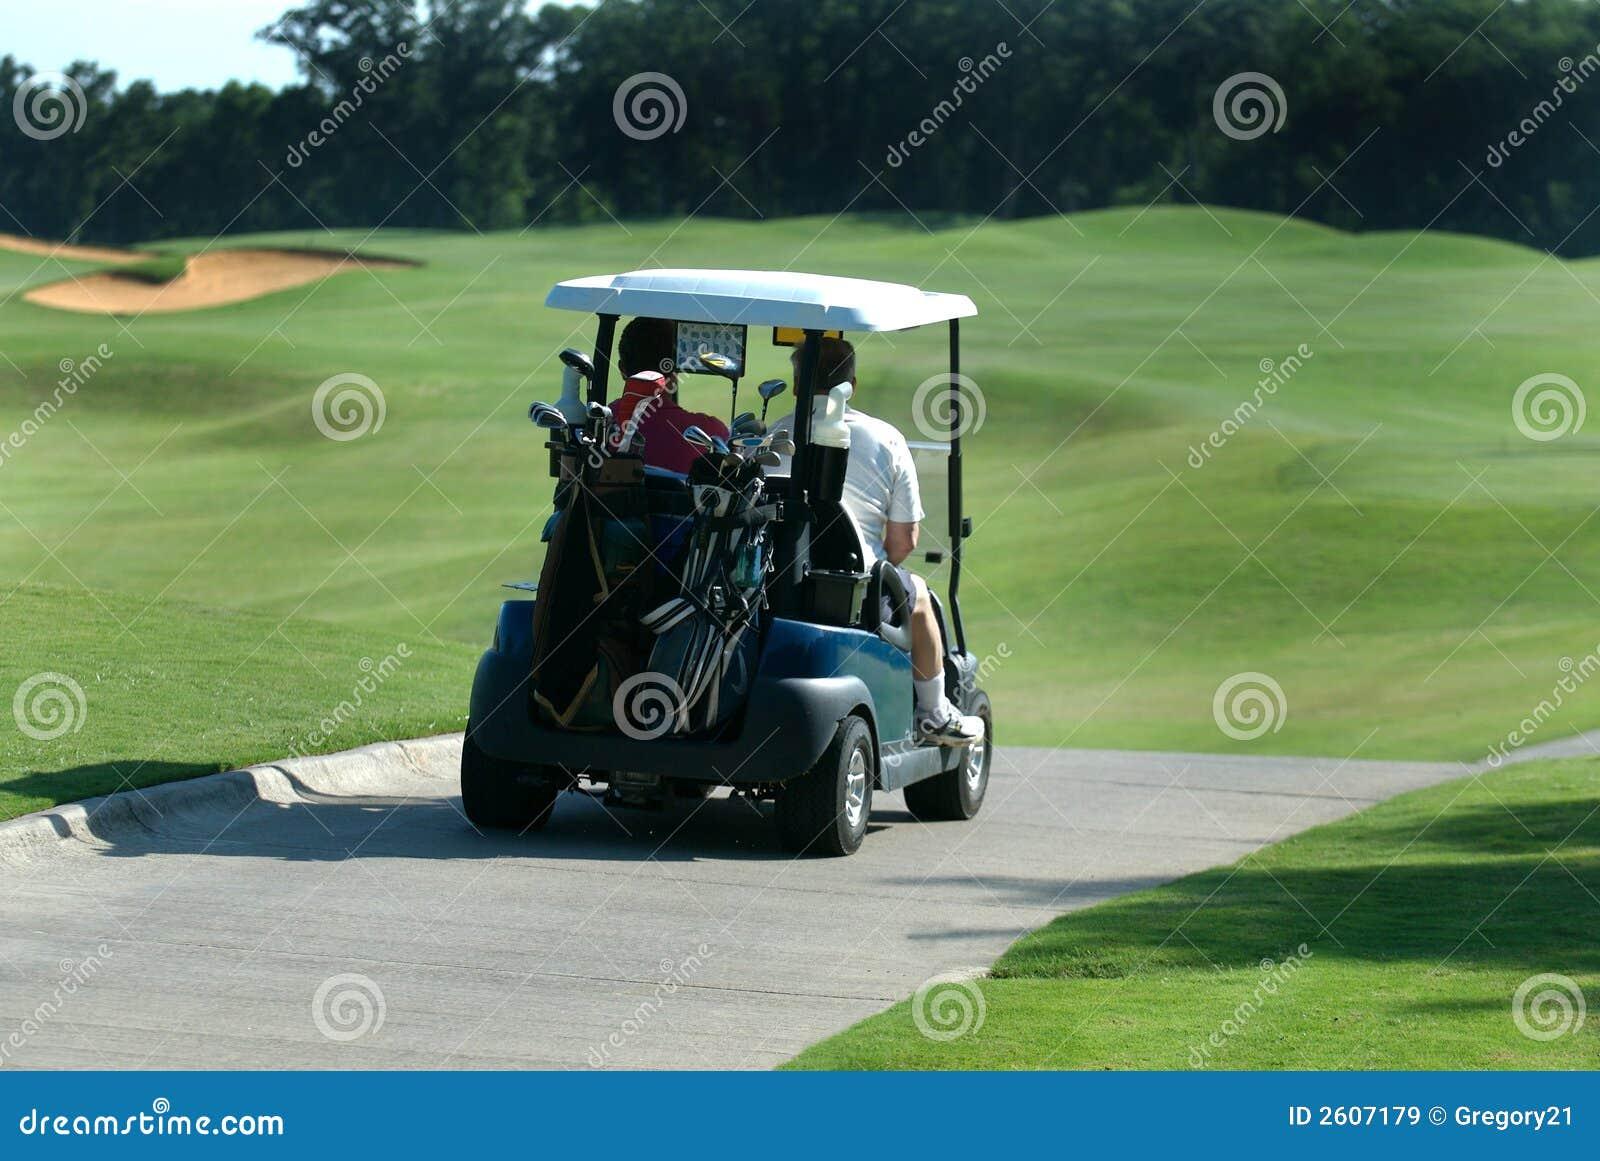 Cart игроки в гольф